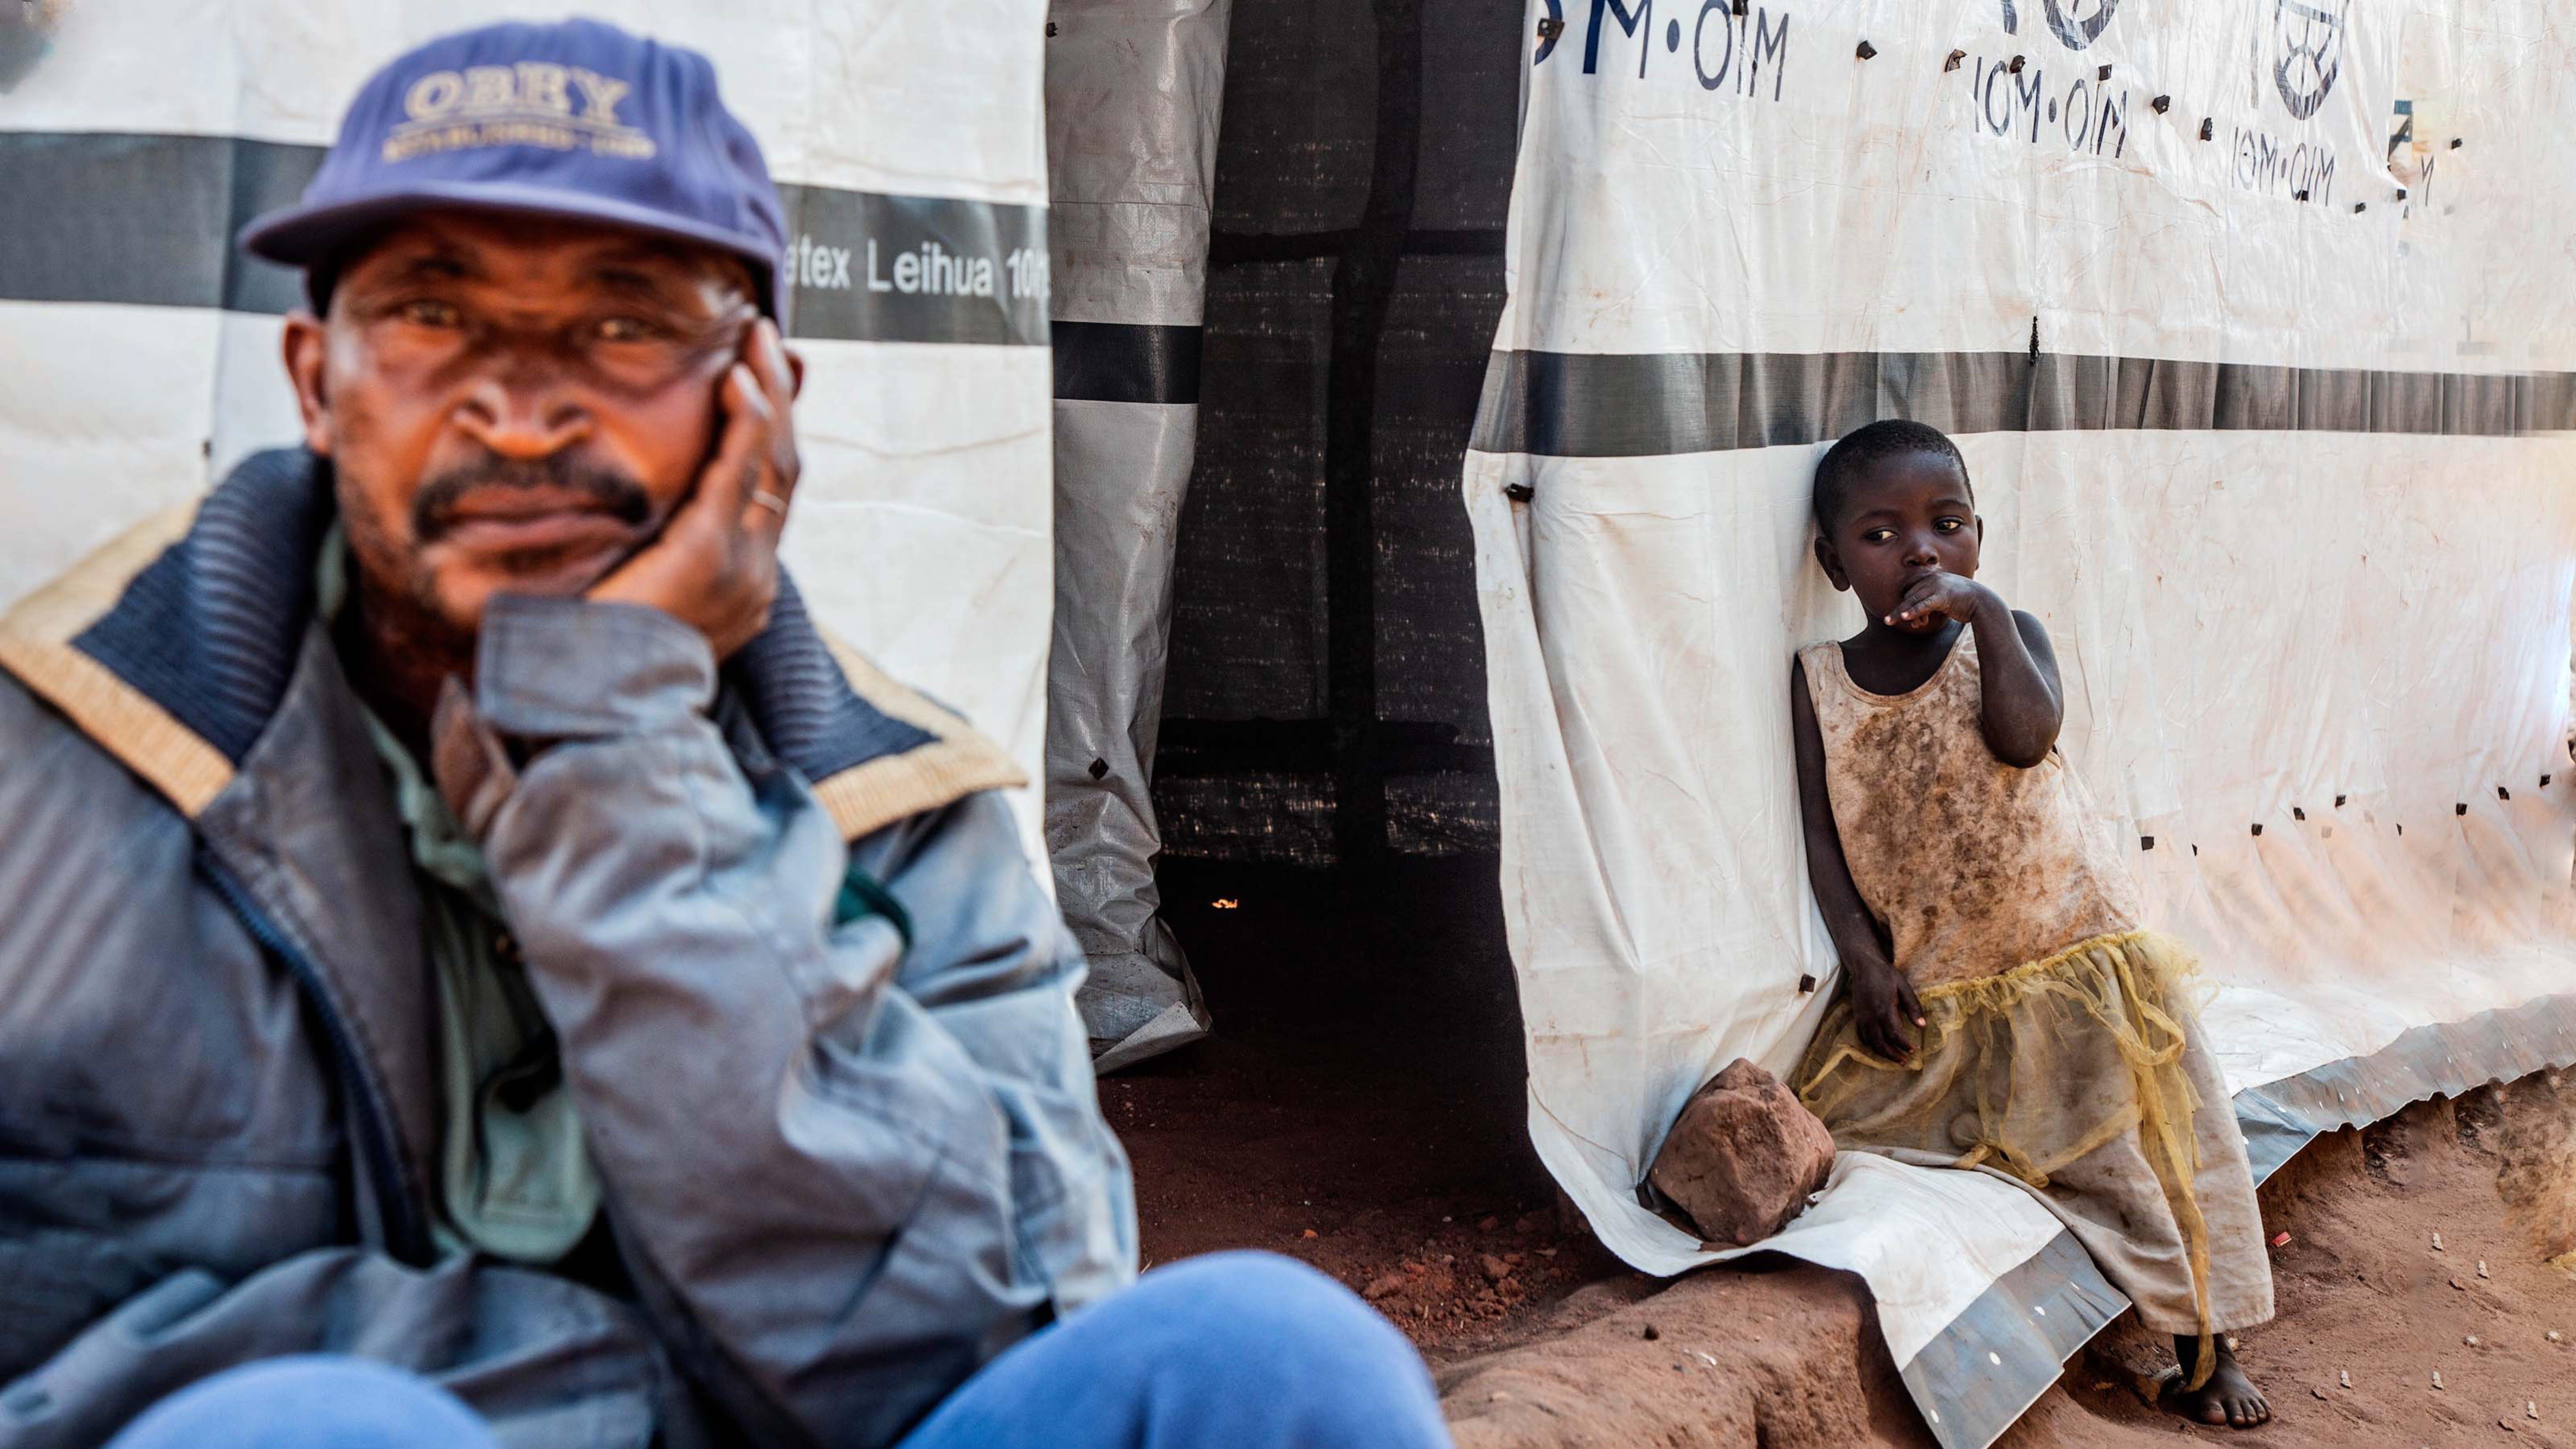 Repubblica Democratica del Congo, 2021. A seguito di un attacco armato al villaggio di Mukumba, nella provincia del Tanganica, questa famiglia insieme a molte altre si è trasferita nella cittadina di Kalemie, dove ha trovato rifugio nei campi per sfollati